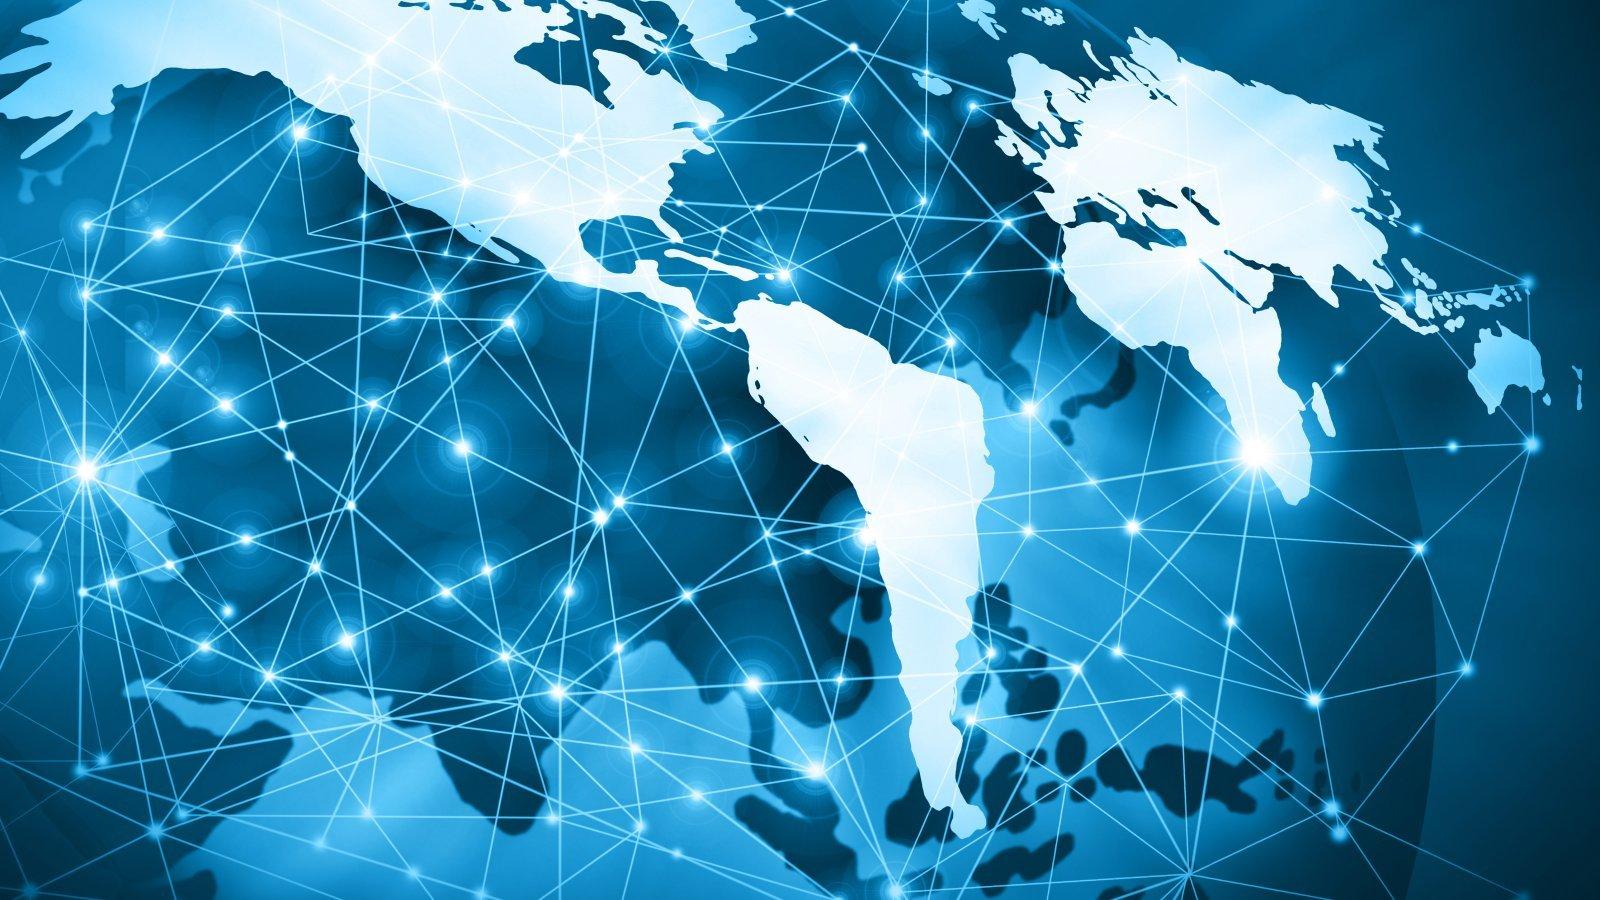 ارتقای رتبه ایران در مشارکت الکترونیکی